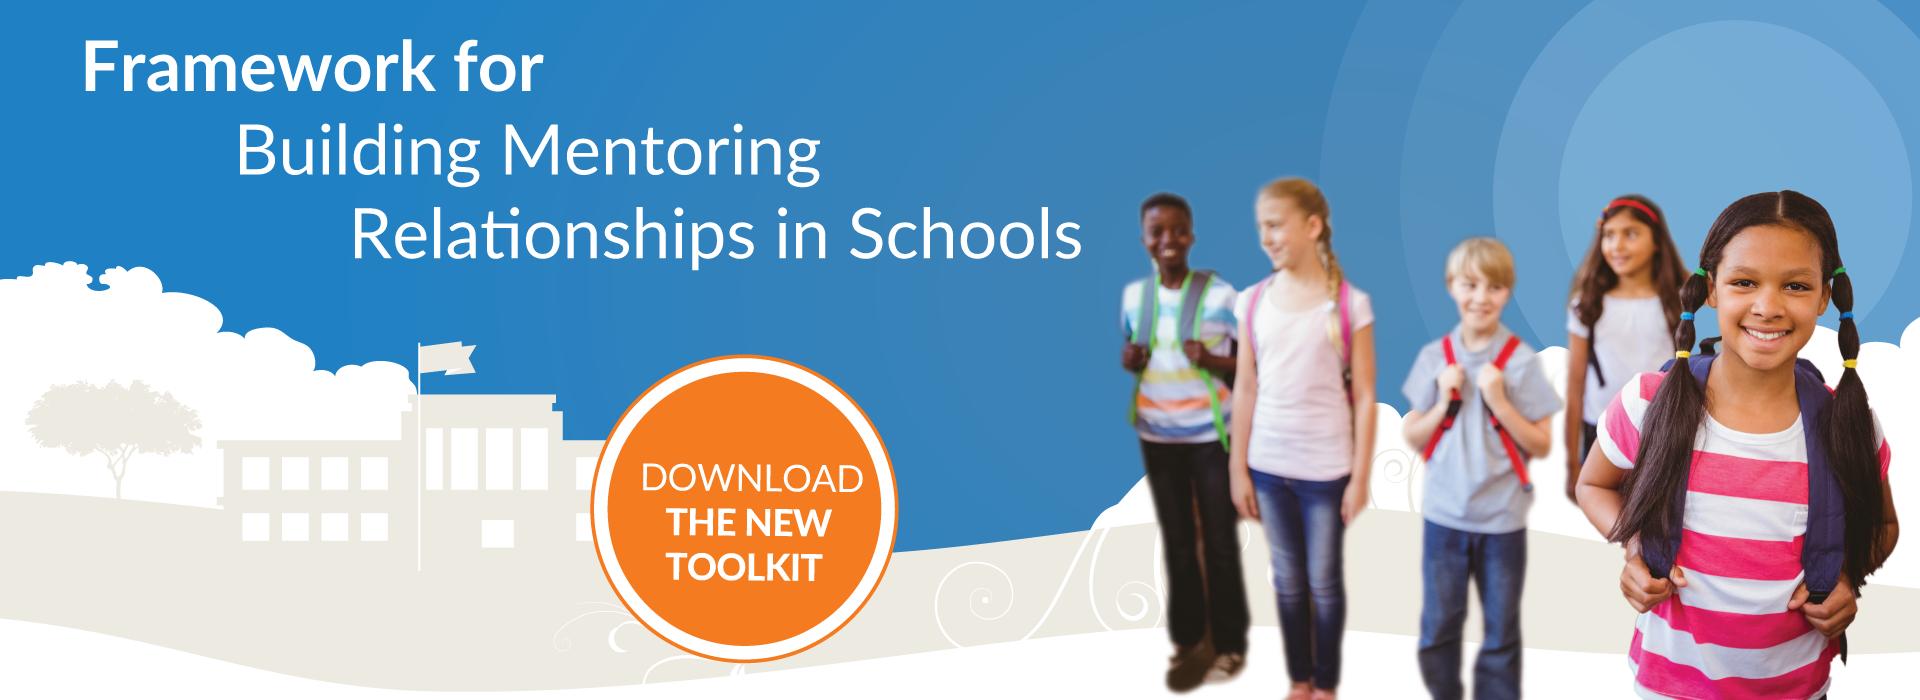 Framework for Building Mentoring Relationships